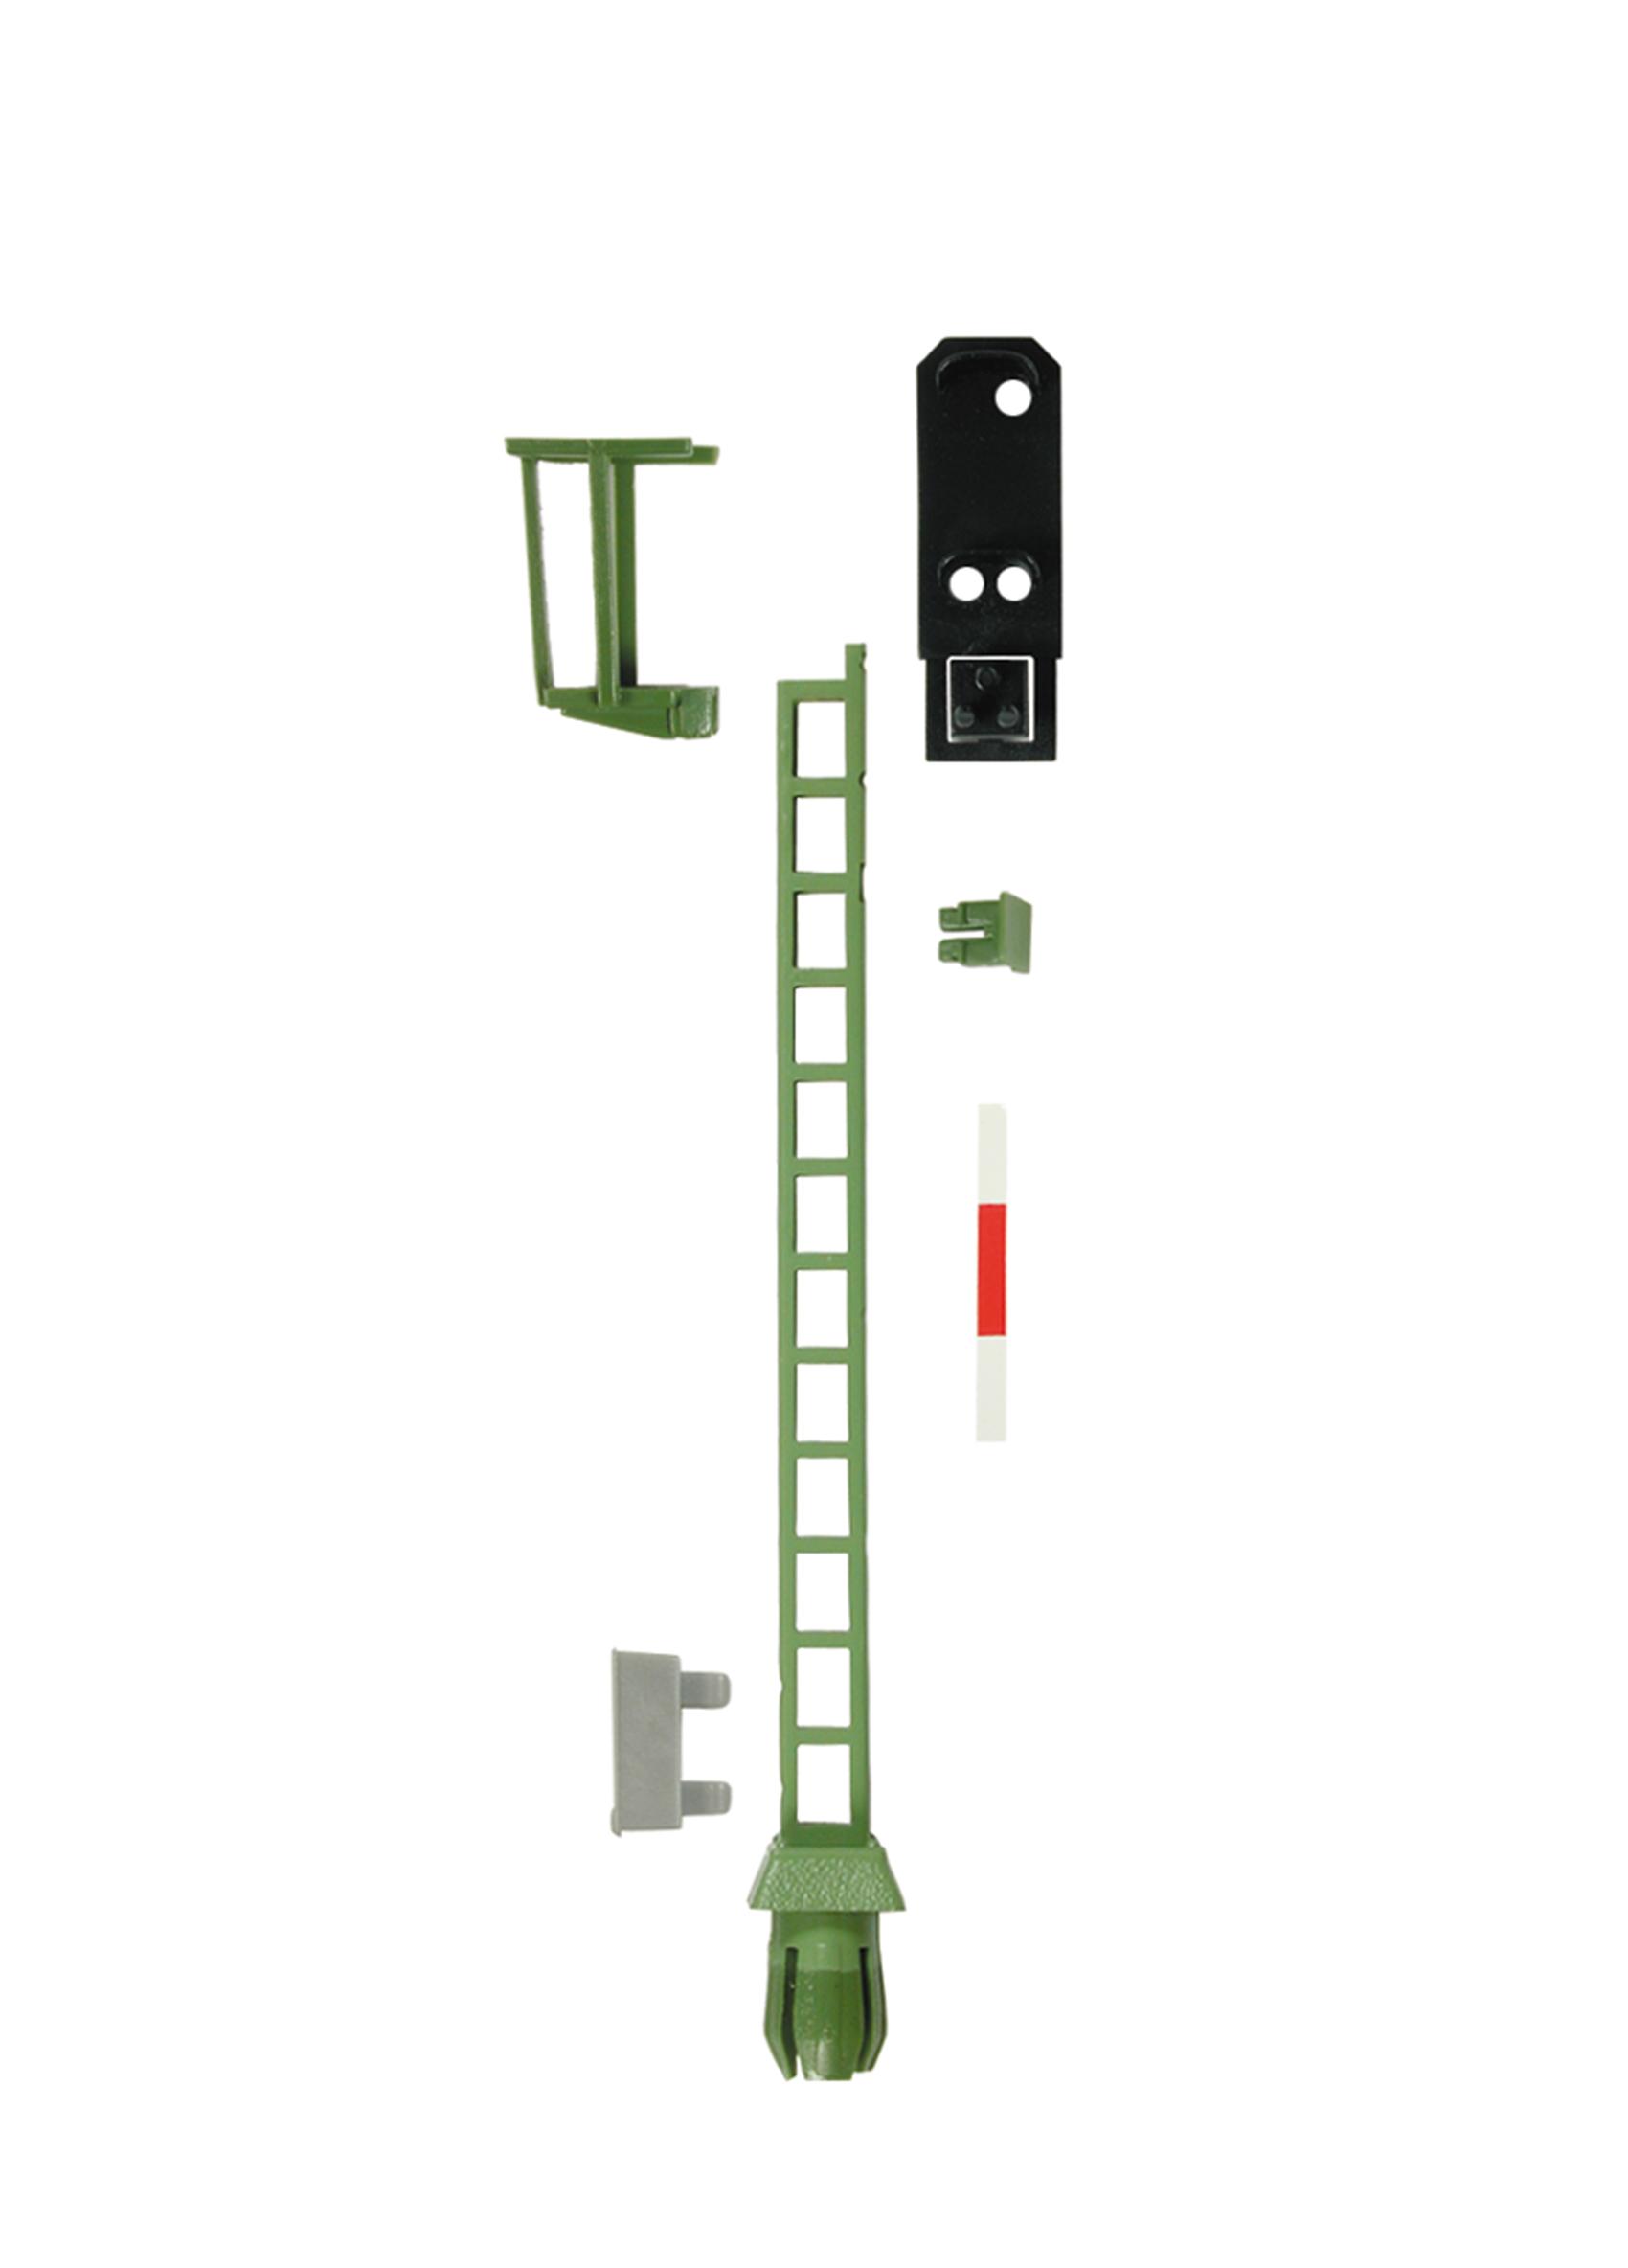 Viessmann 6732 <br/>Bausatz Licht-Einfahrsignal